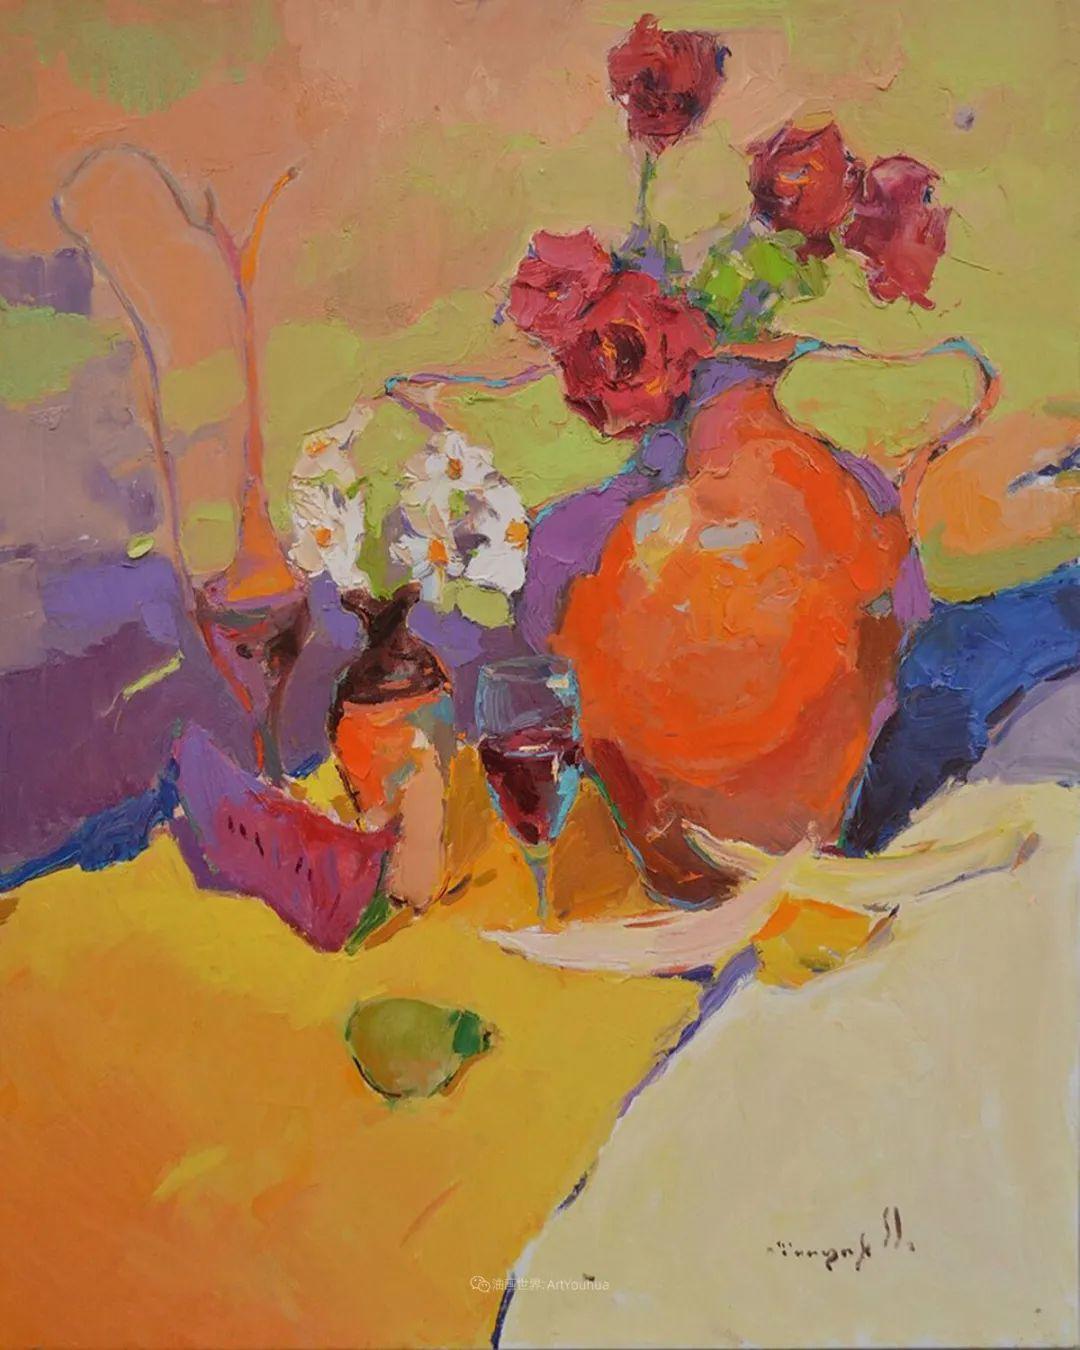 冷暖的色彩碰撞,迷人的静物与花卉作品!插图91